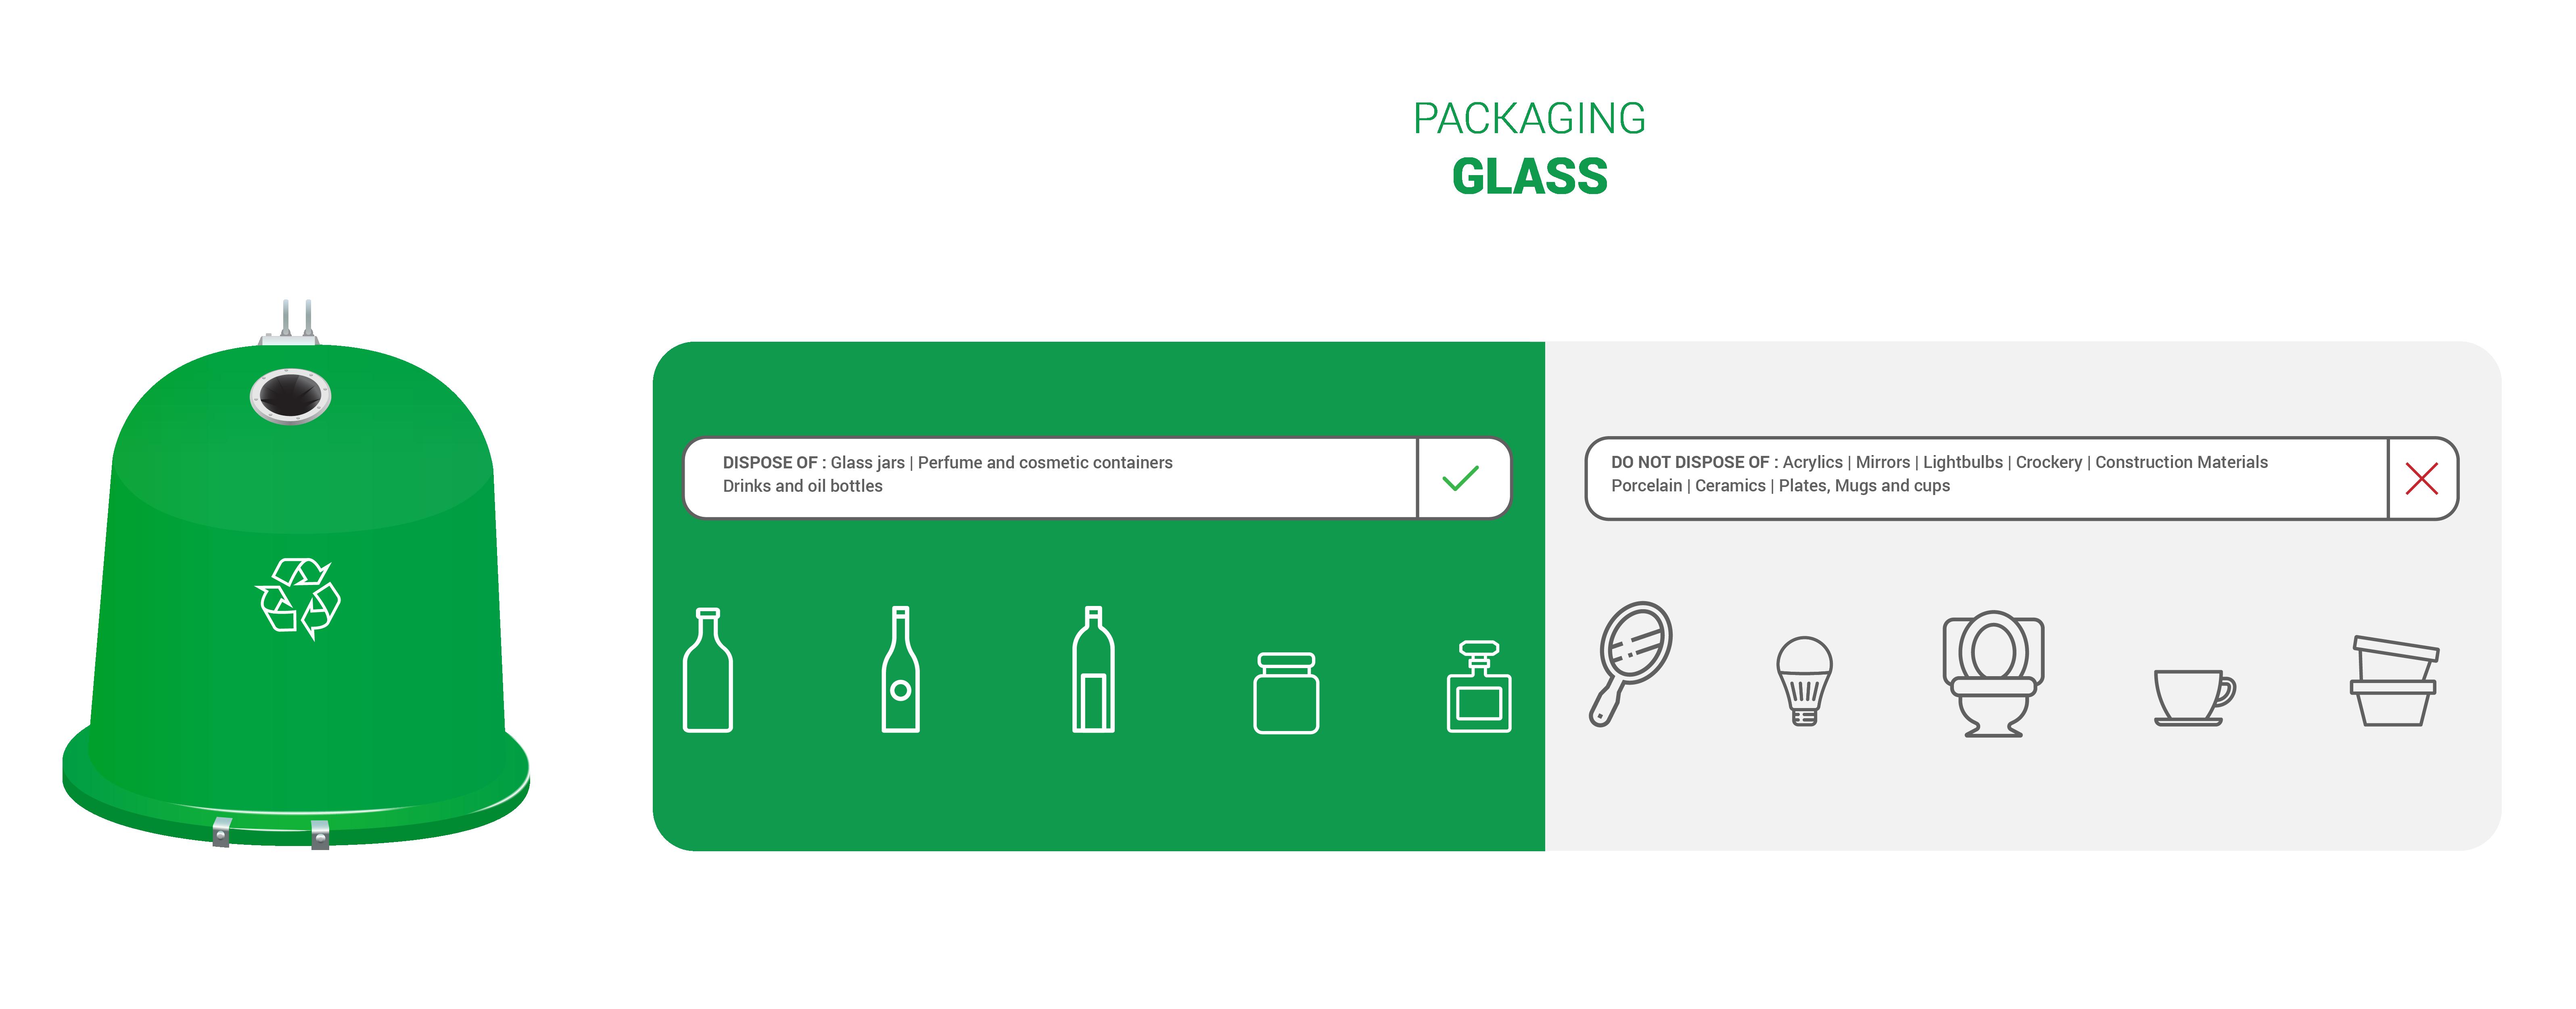 Green recycling bin – Glass